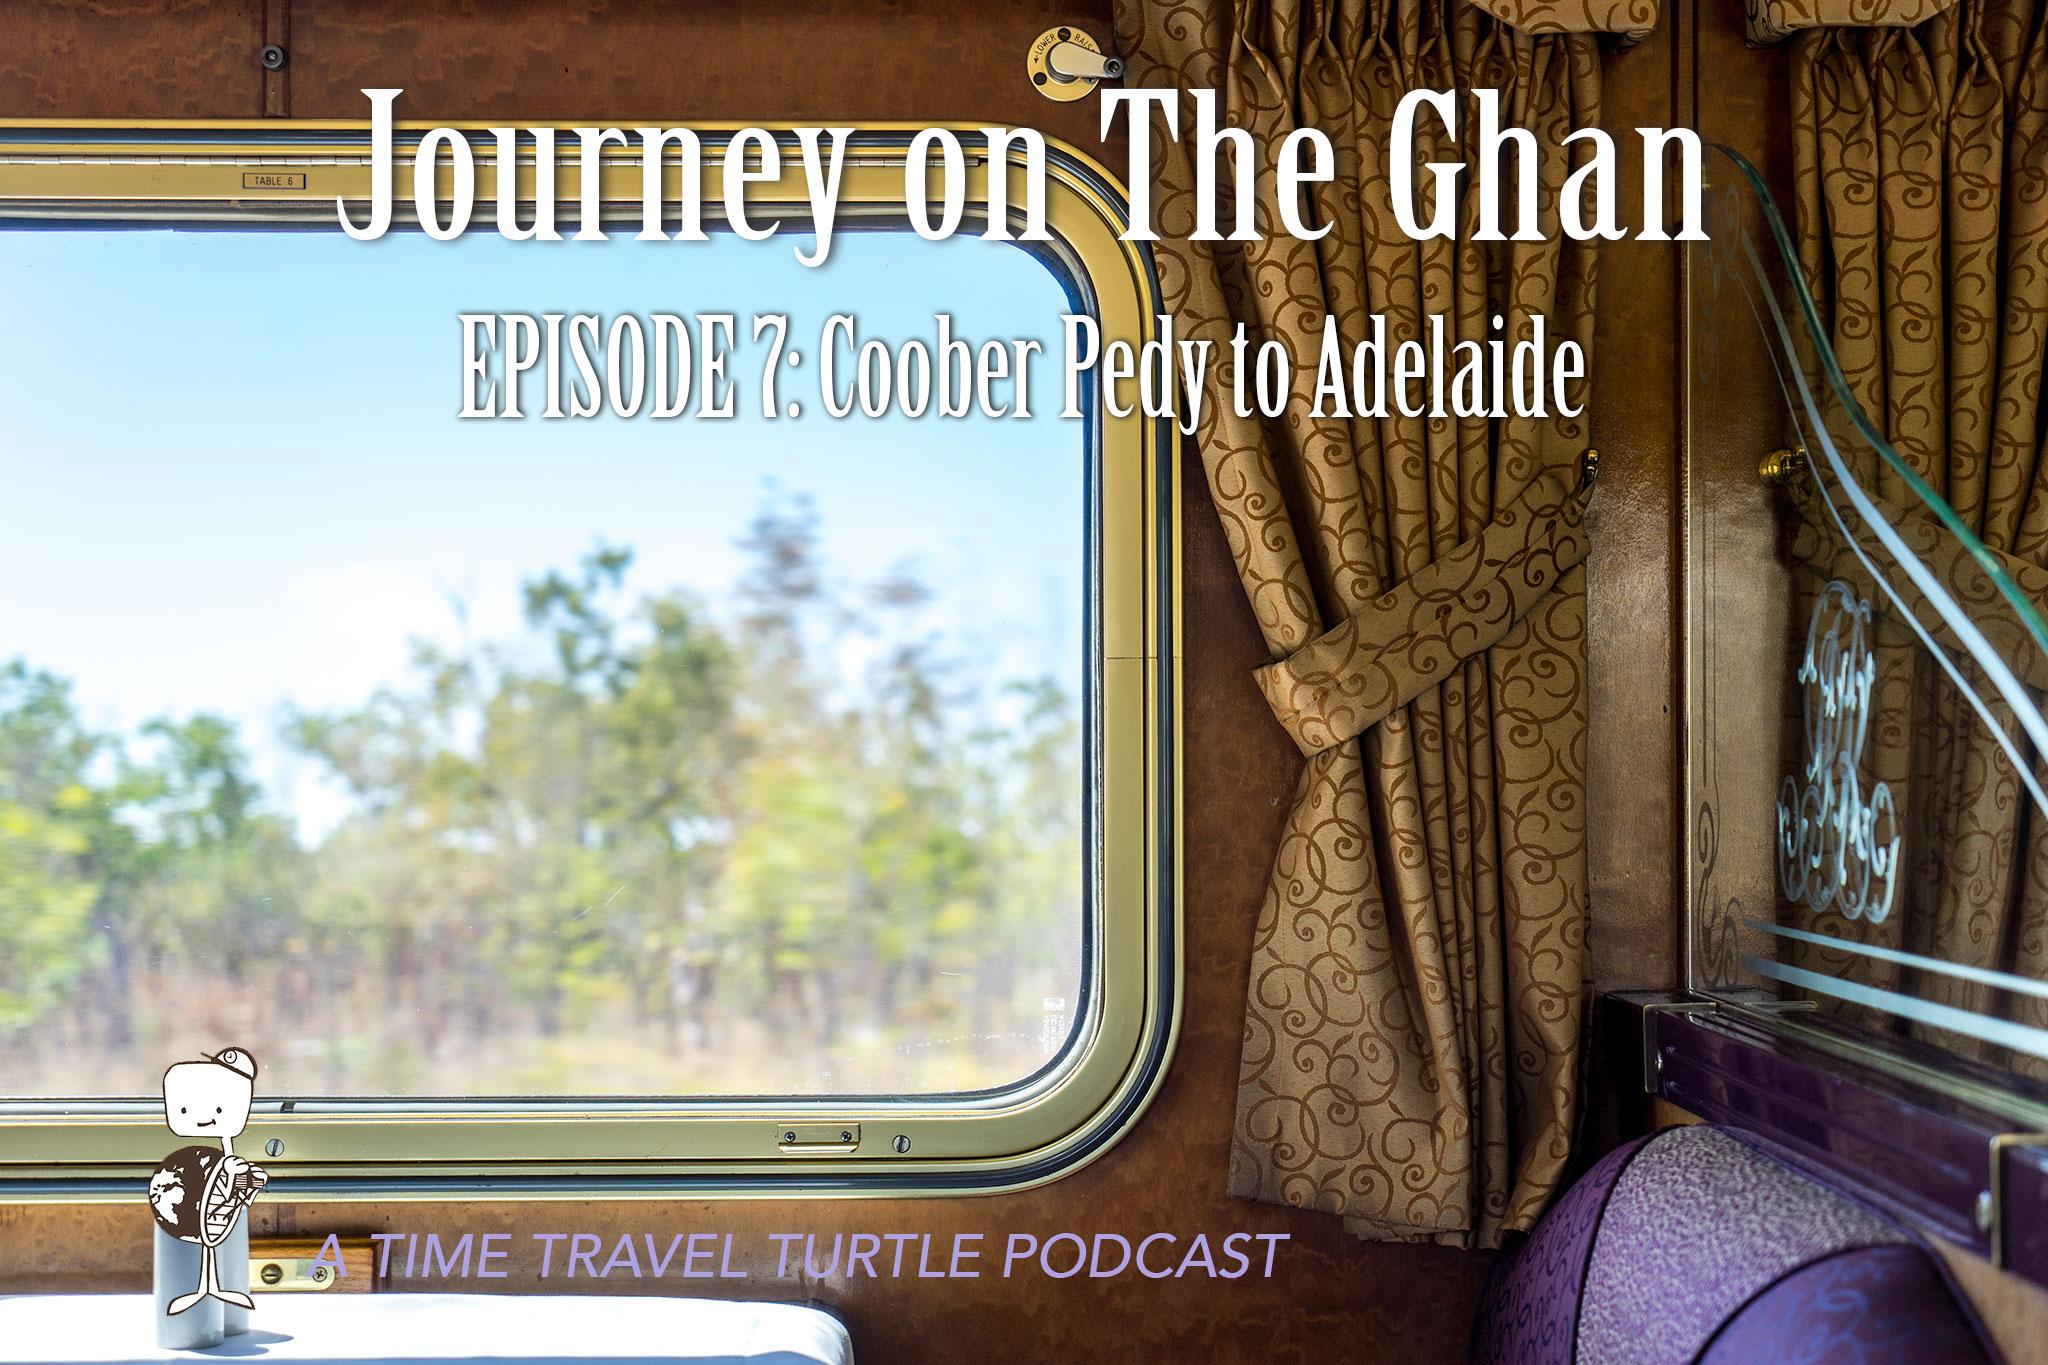 Episode 7: Coober Pedy to Adelaide